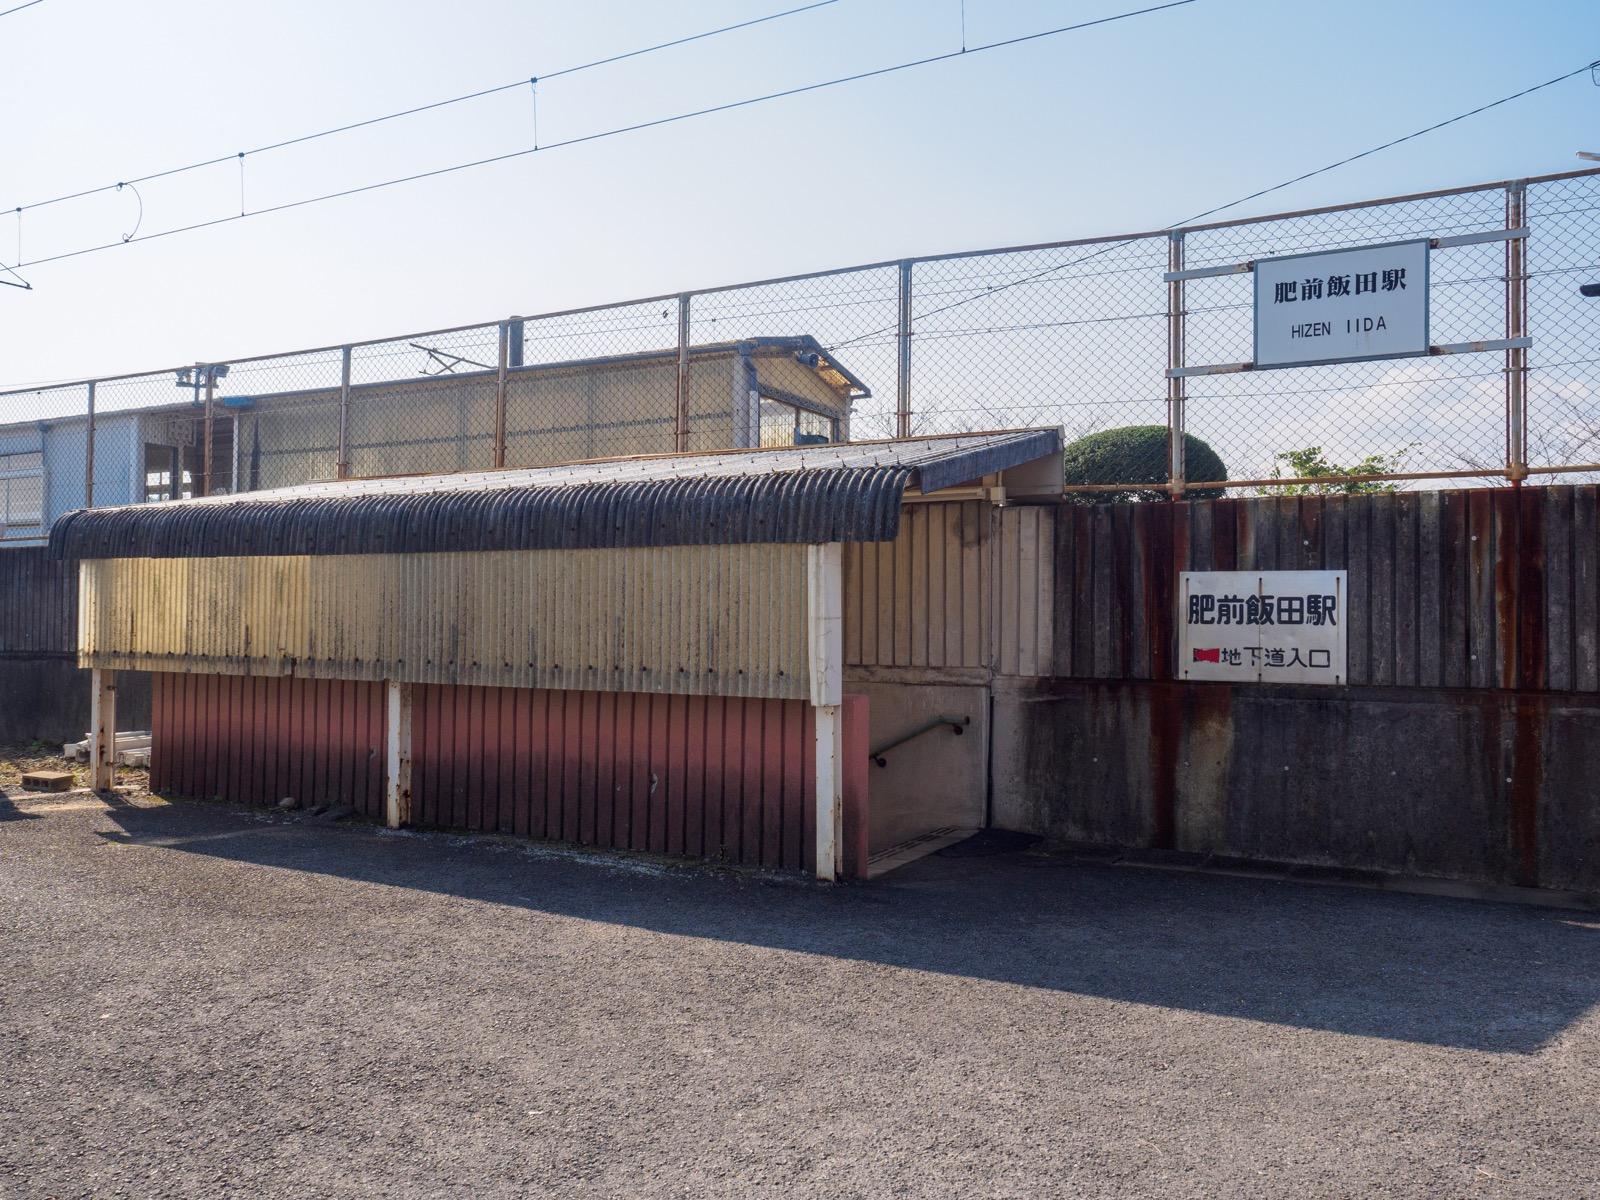 肥前飯田駅の入口